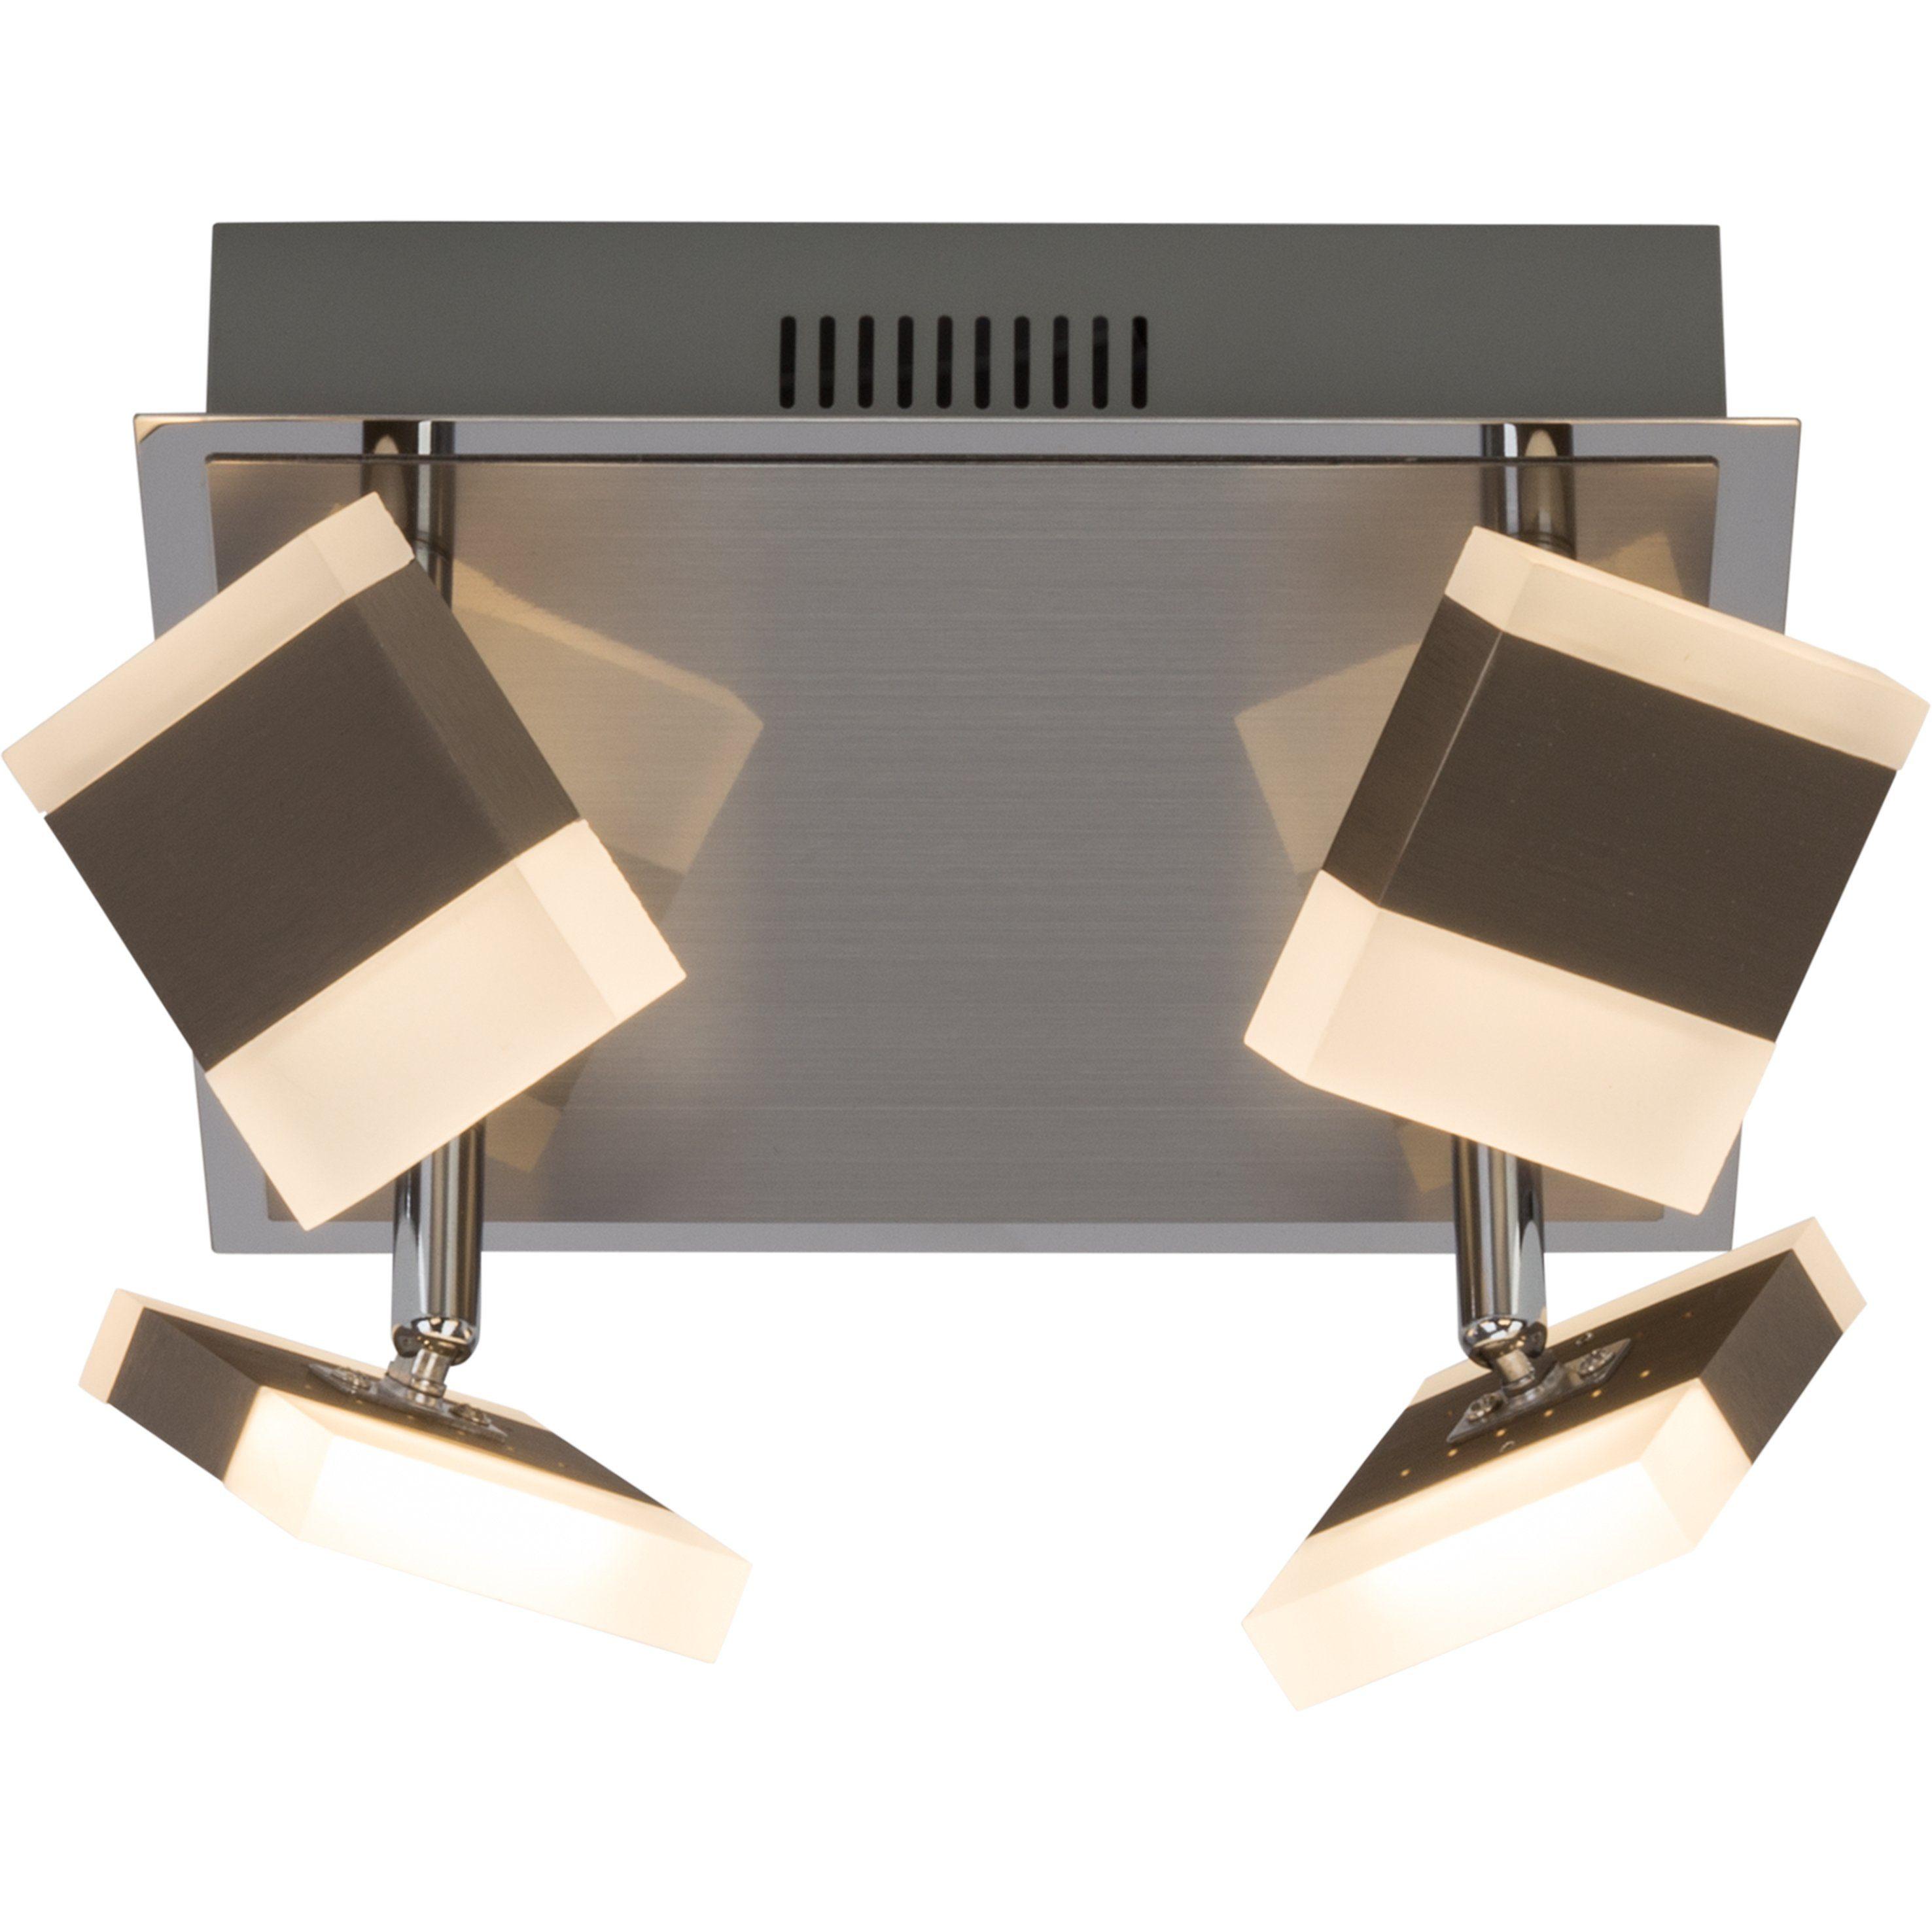 Brilliant Leuchten Target LED Deckenleuchte, 4-flammig nickel/chrom